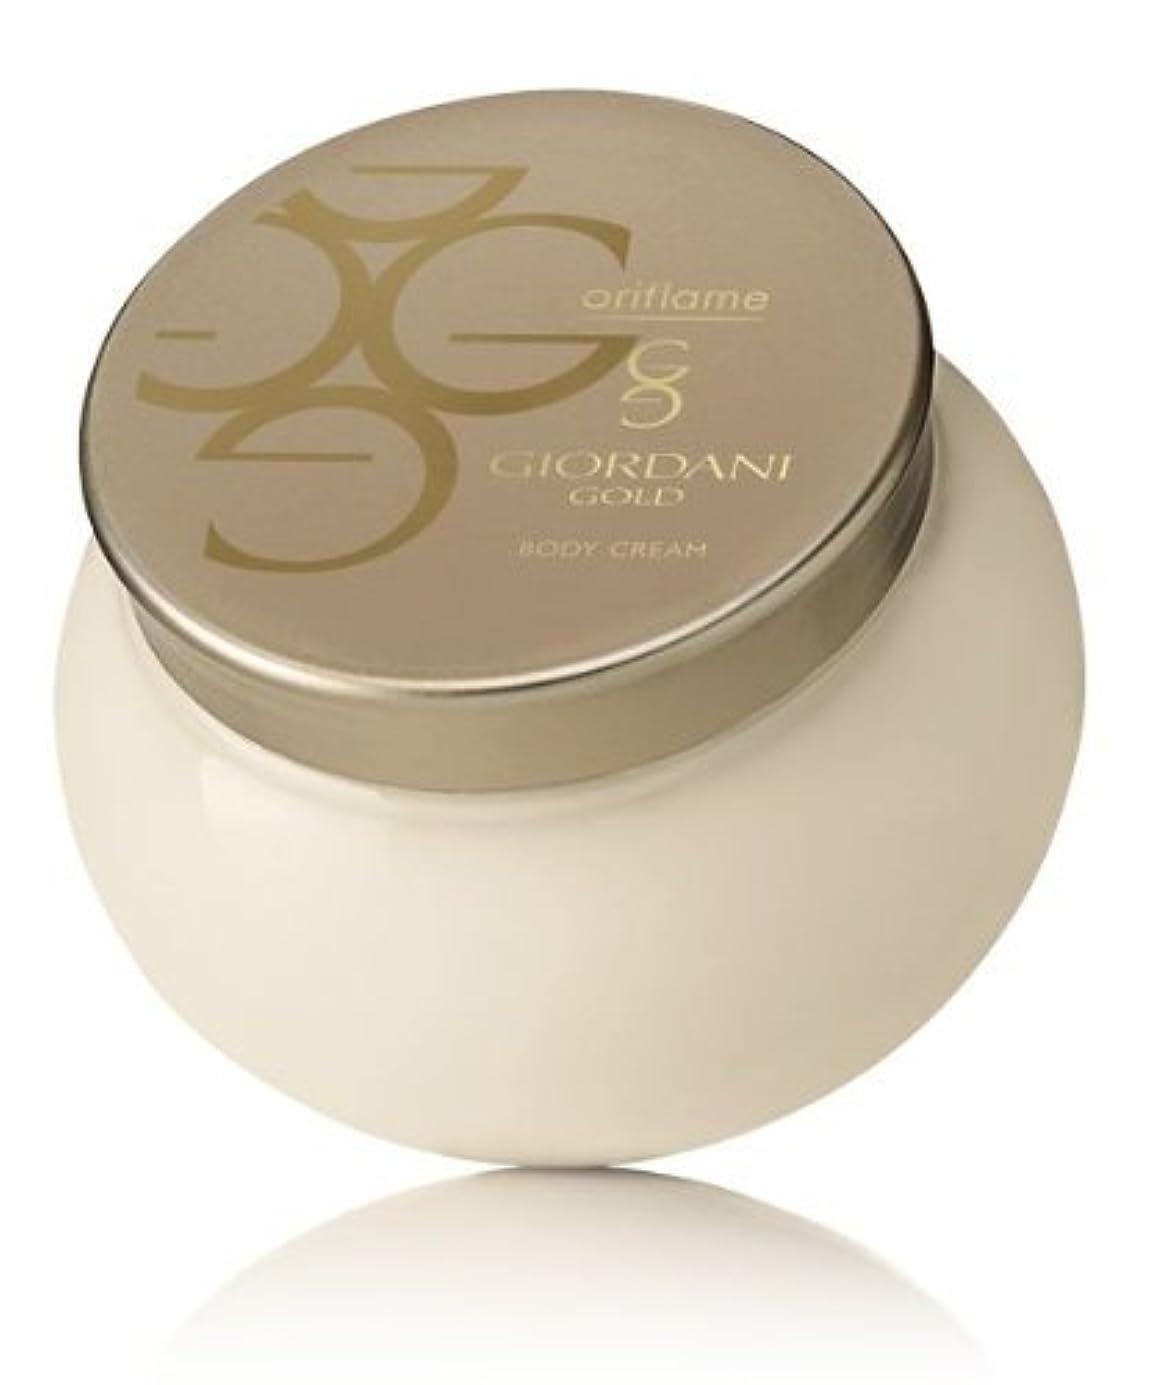 教える苗ワーカーGiordani Gold Body Cream by Oriflame